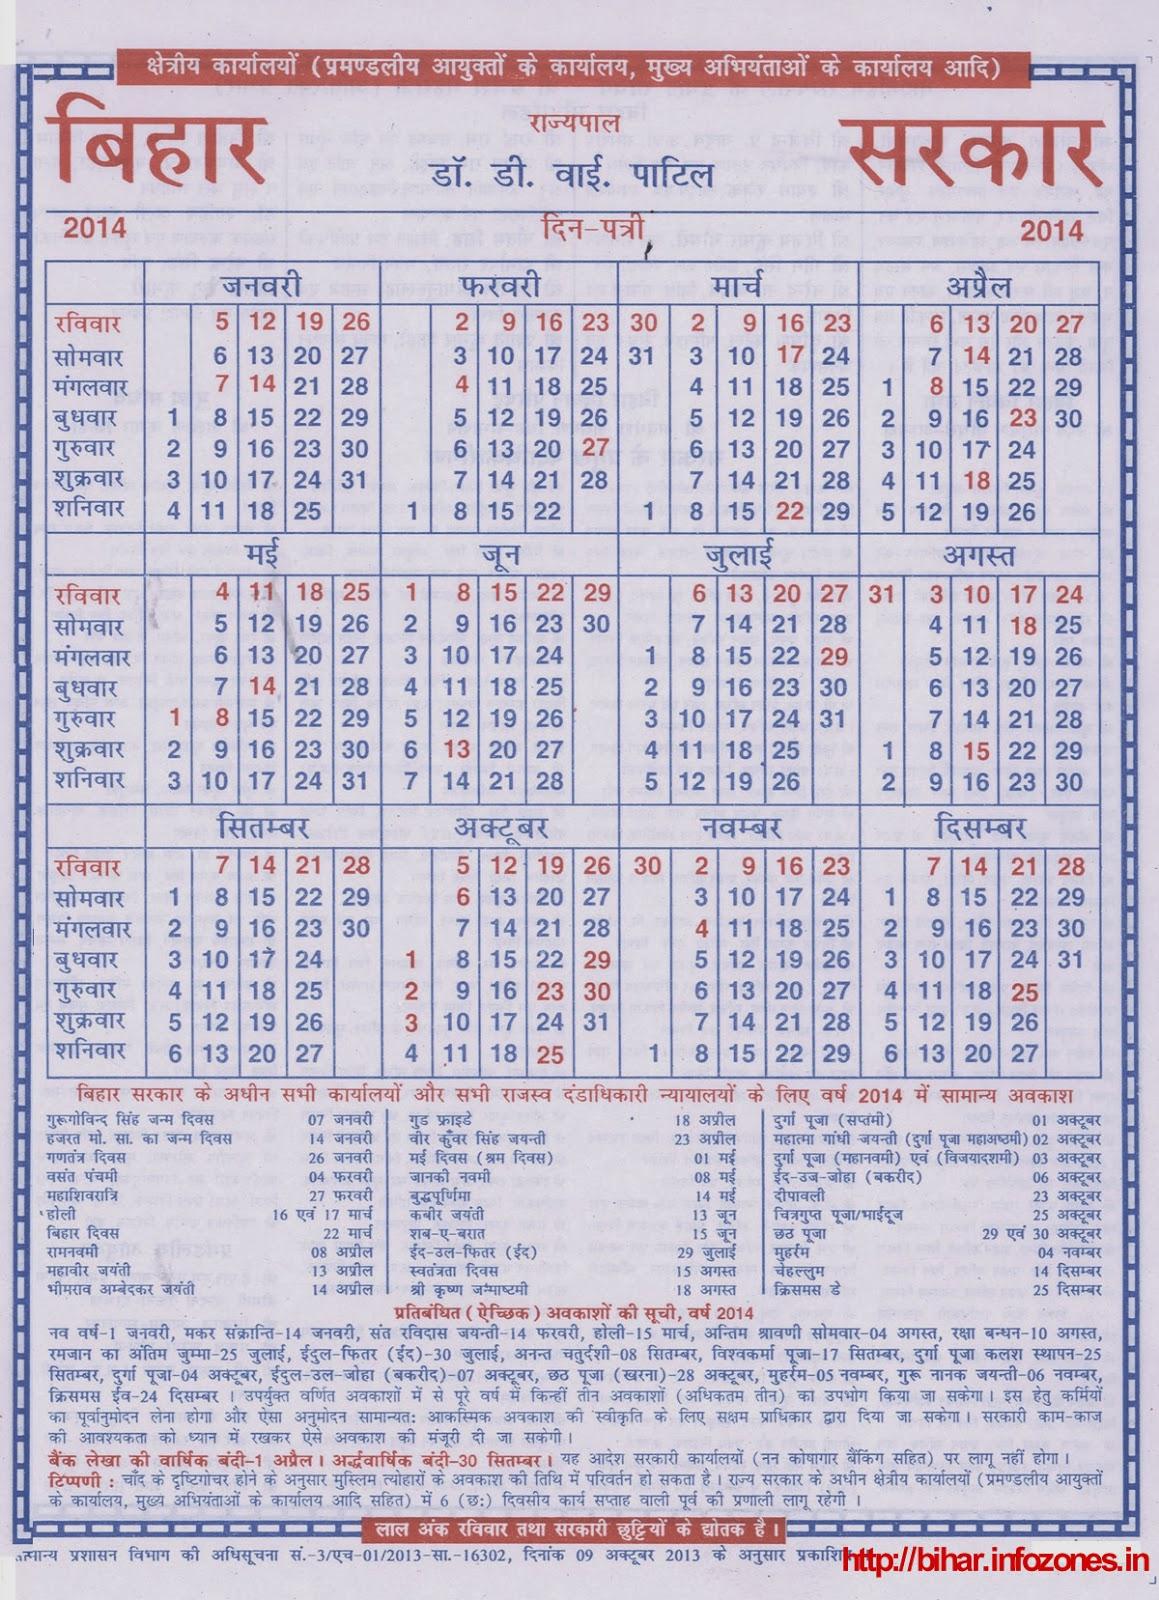 Bihar Government Calendar 2014 inside Bihar Government Calander